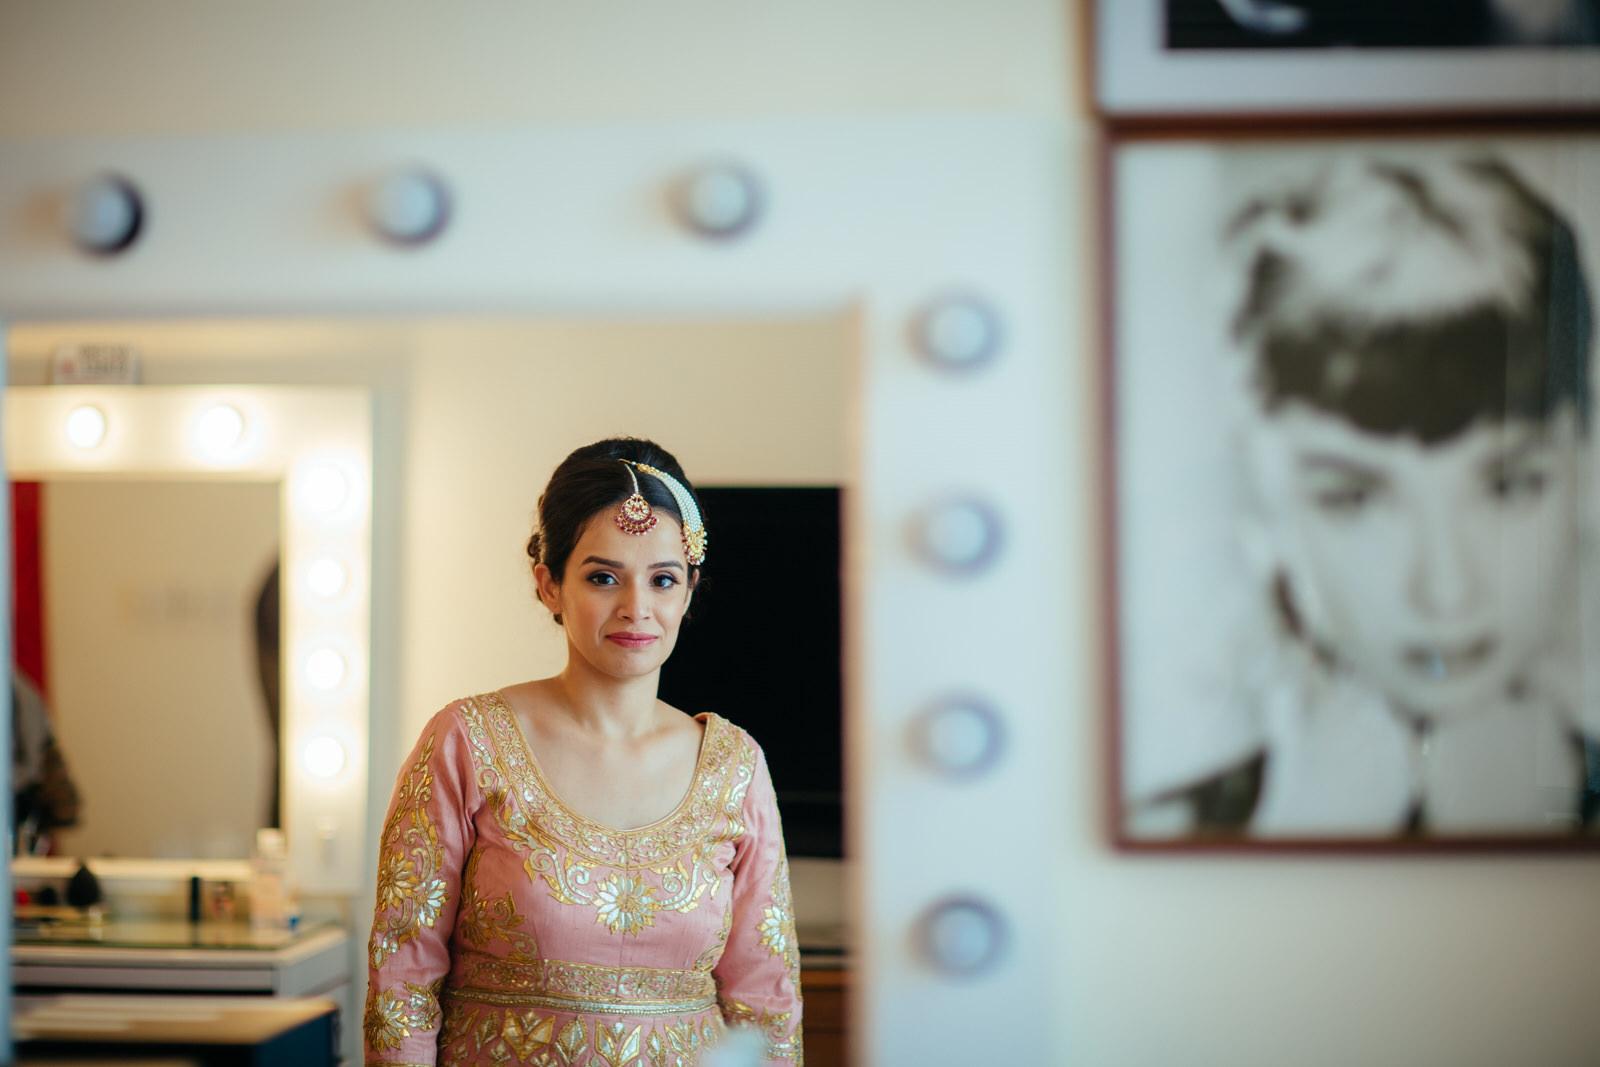 Sikh Wedding Day 1 - Camera 1-5.jpg